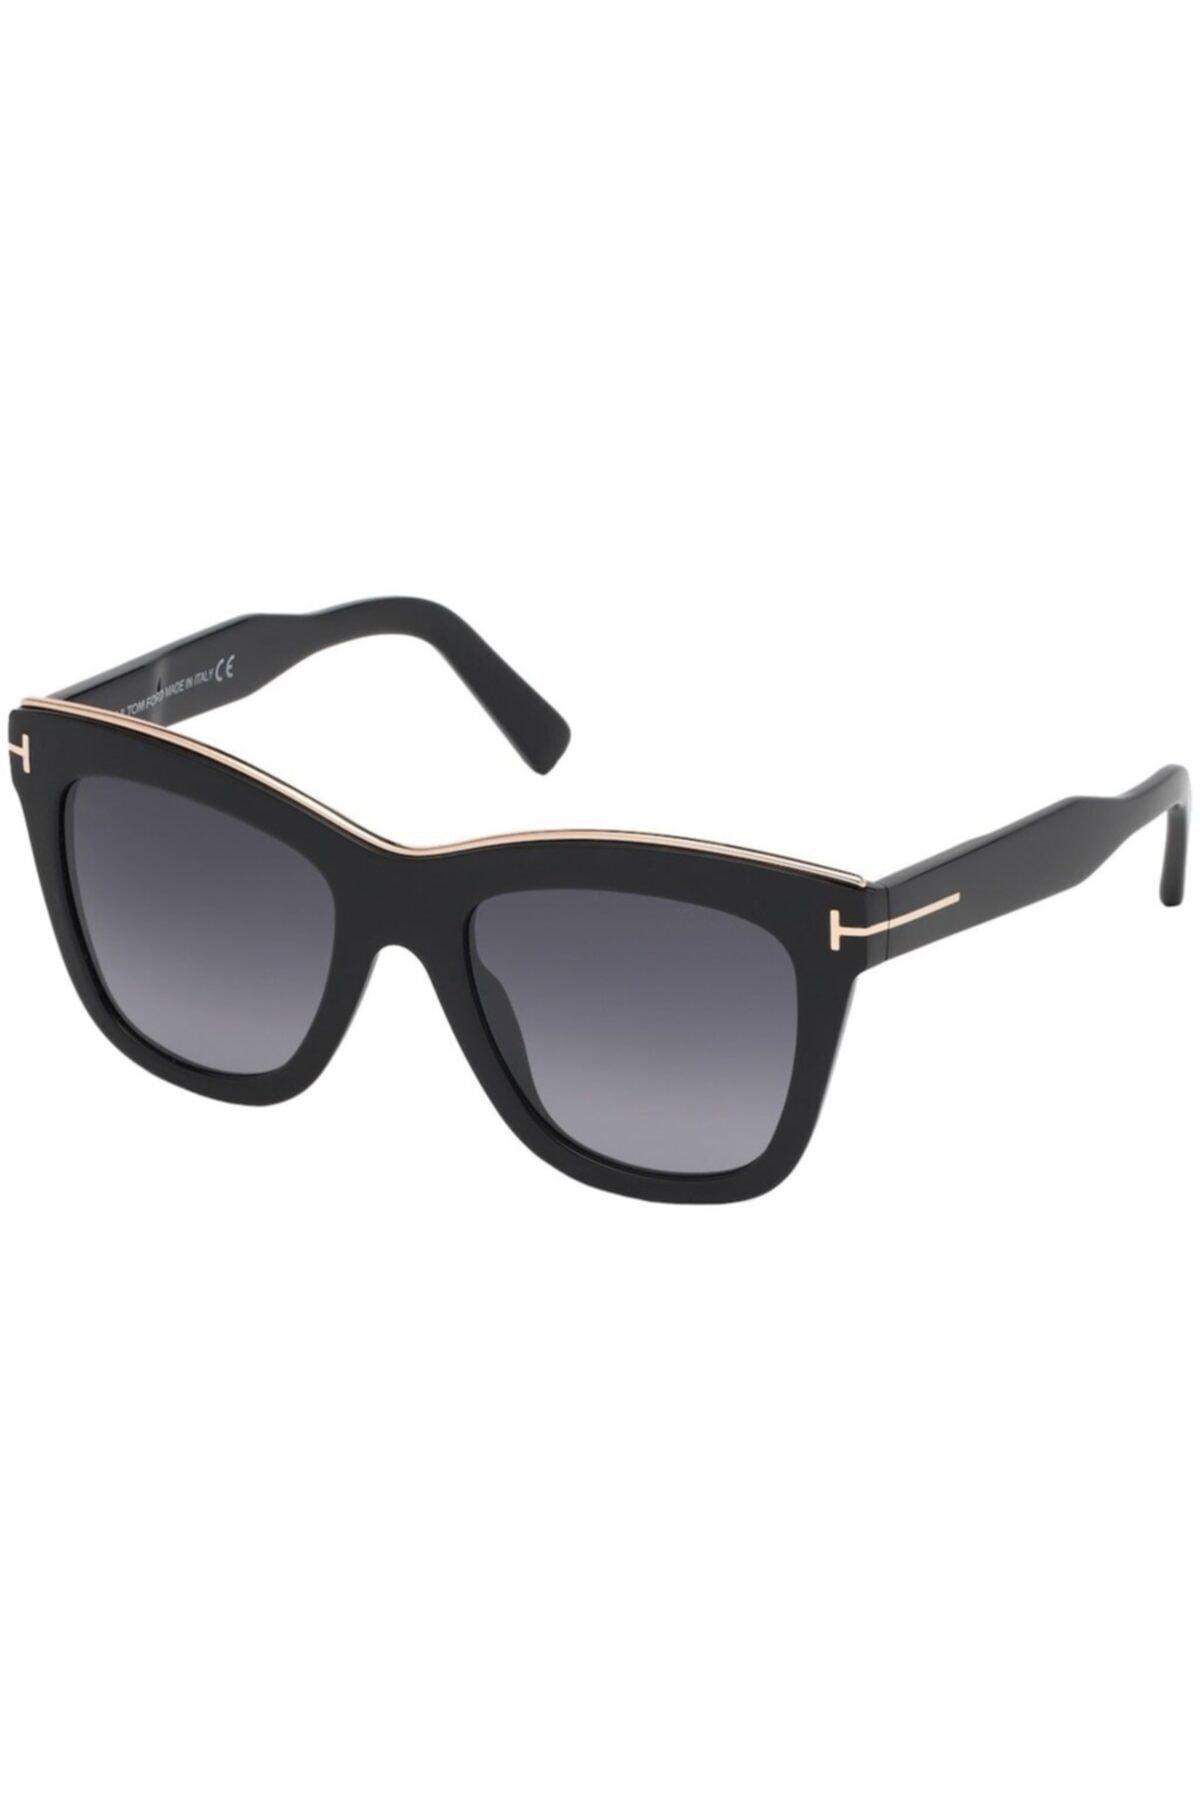 Tom Ford Ft0685 01c Kare Kadın Güneş Gözlüğü 1